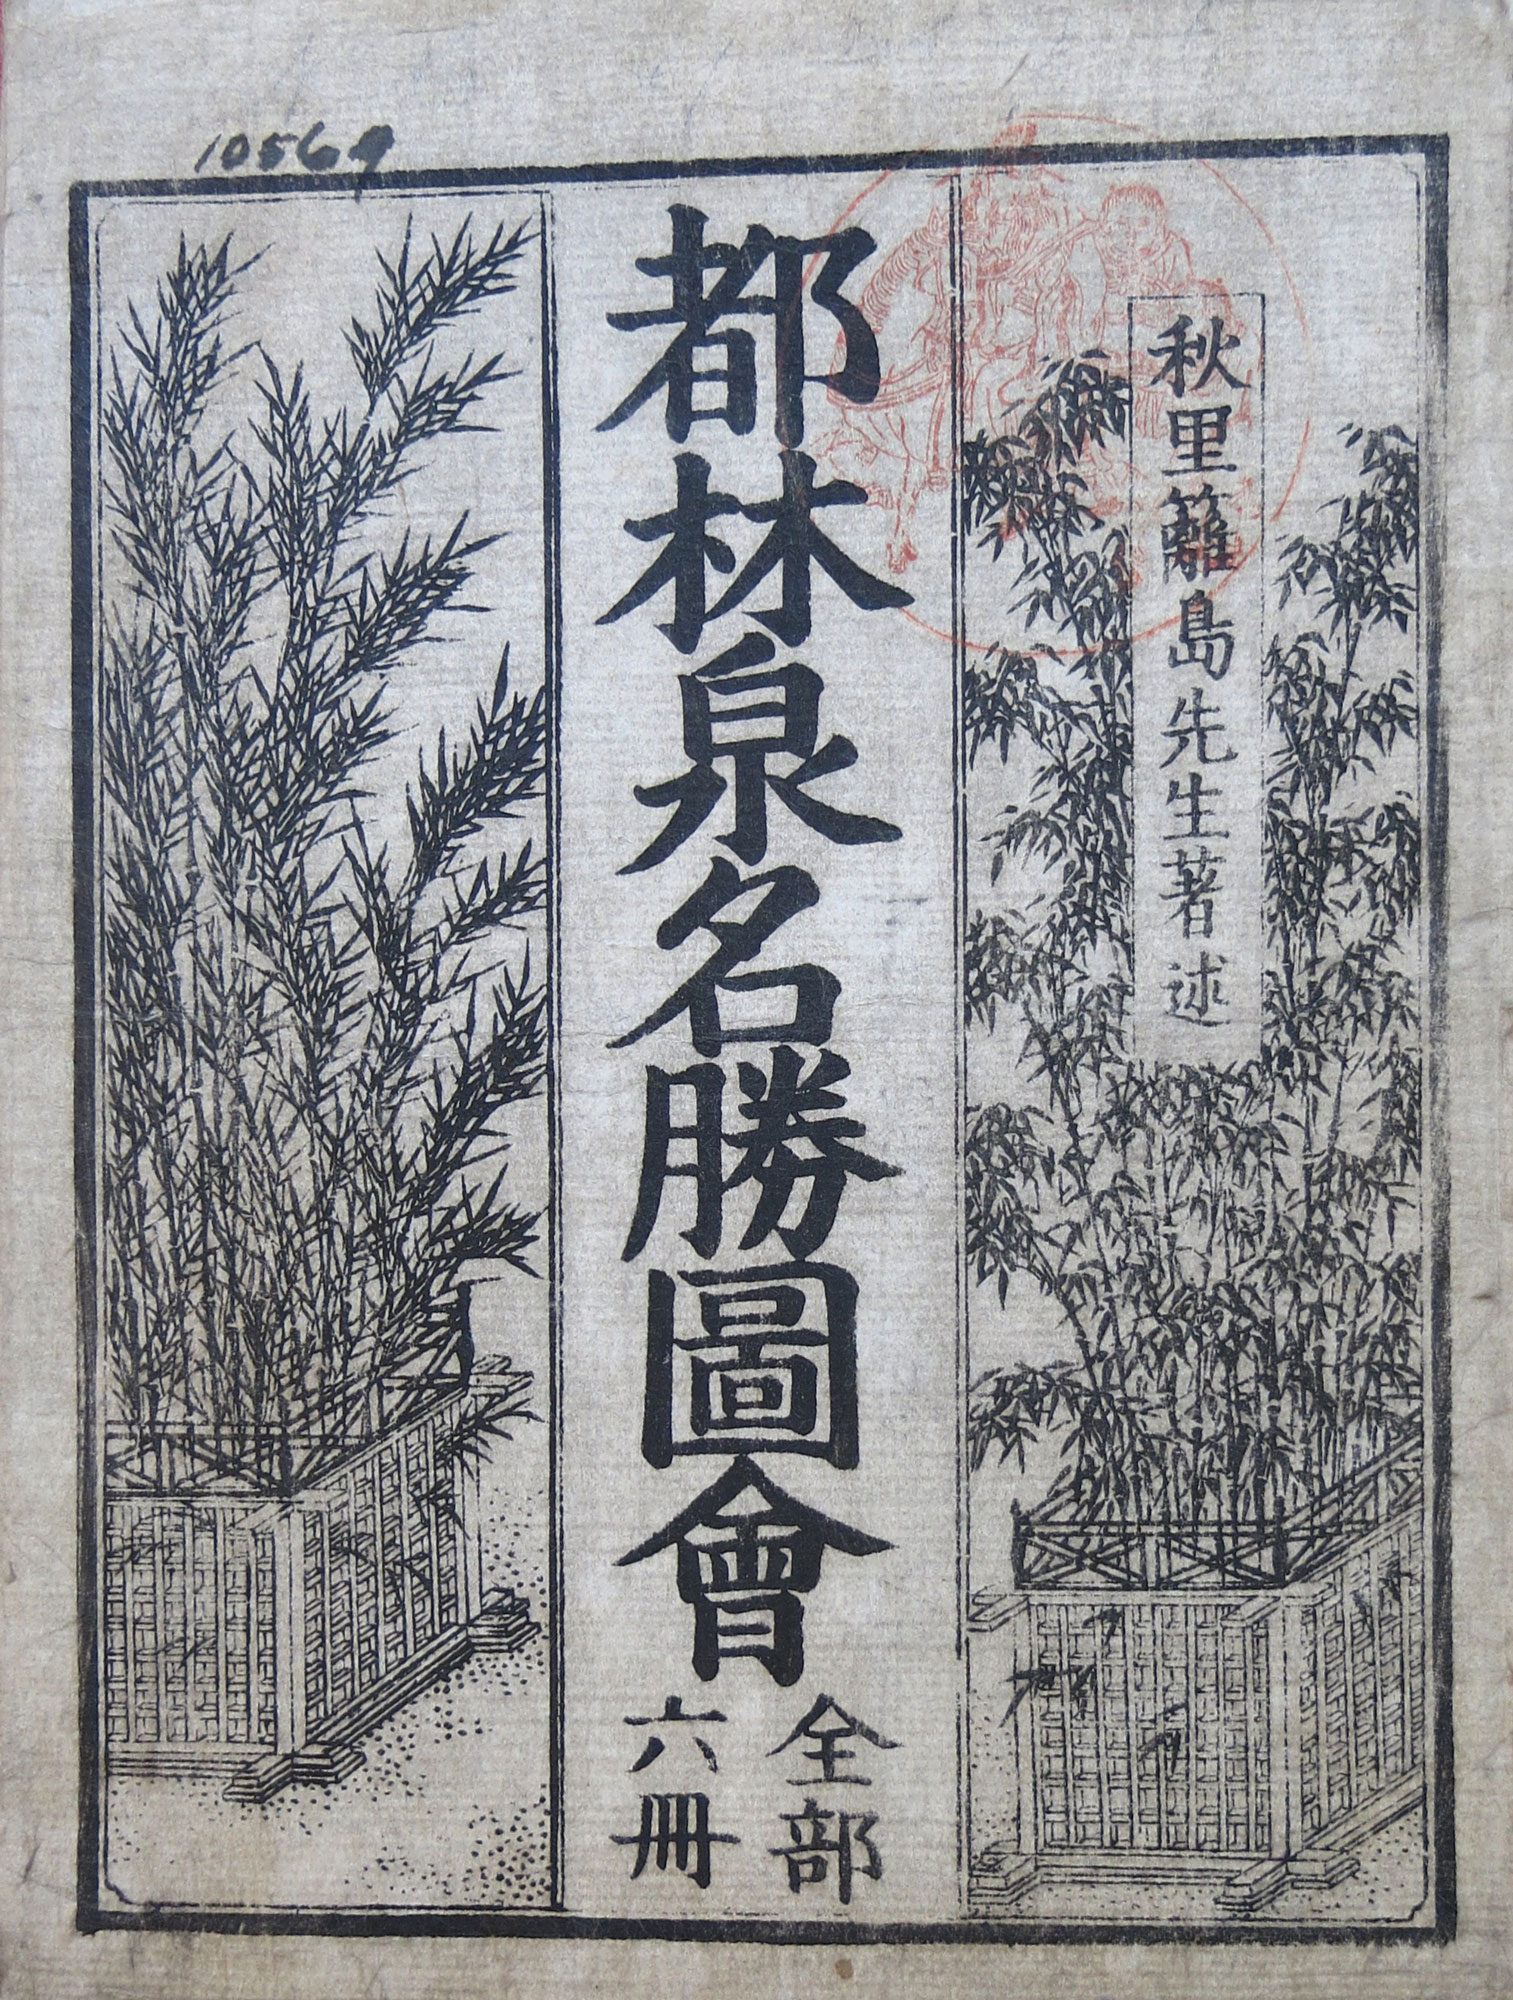 都林泉名勝図会Miyako rinsen meishû zue [Recueil illustré des lieux célèbres des jardins de la capitale (= Kyôto). Pictorial Guide to Gardens in Kyoto]